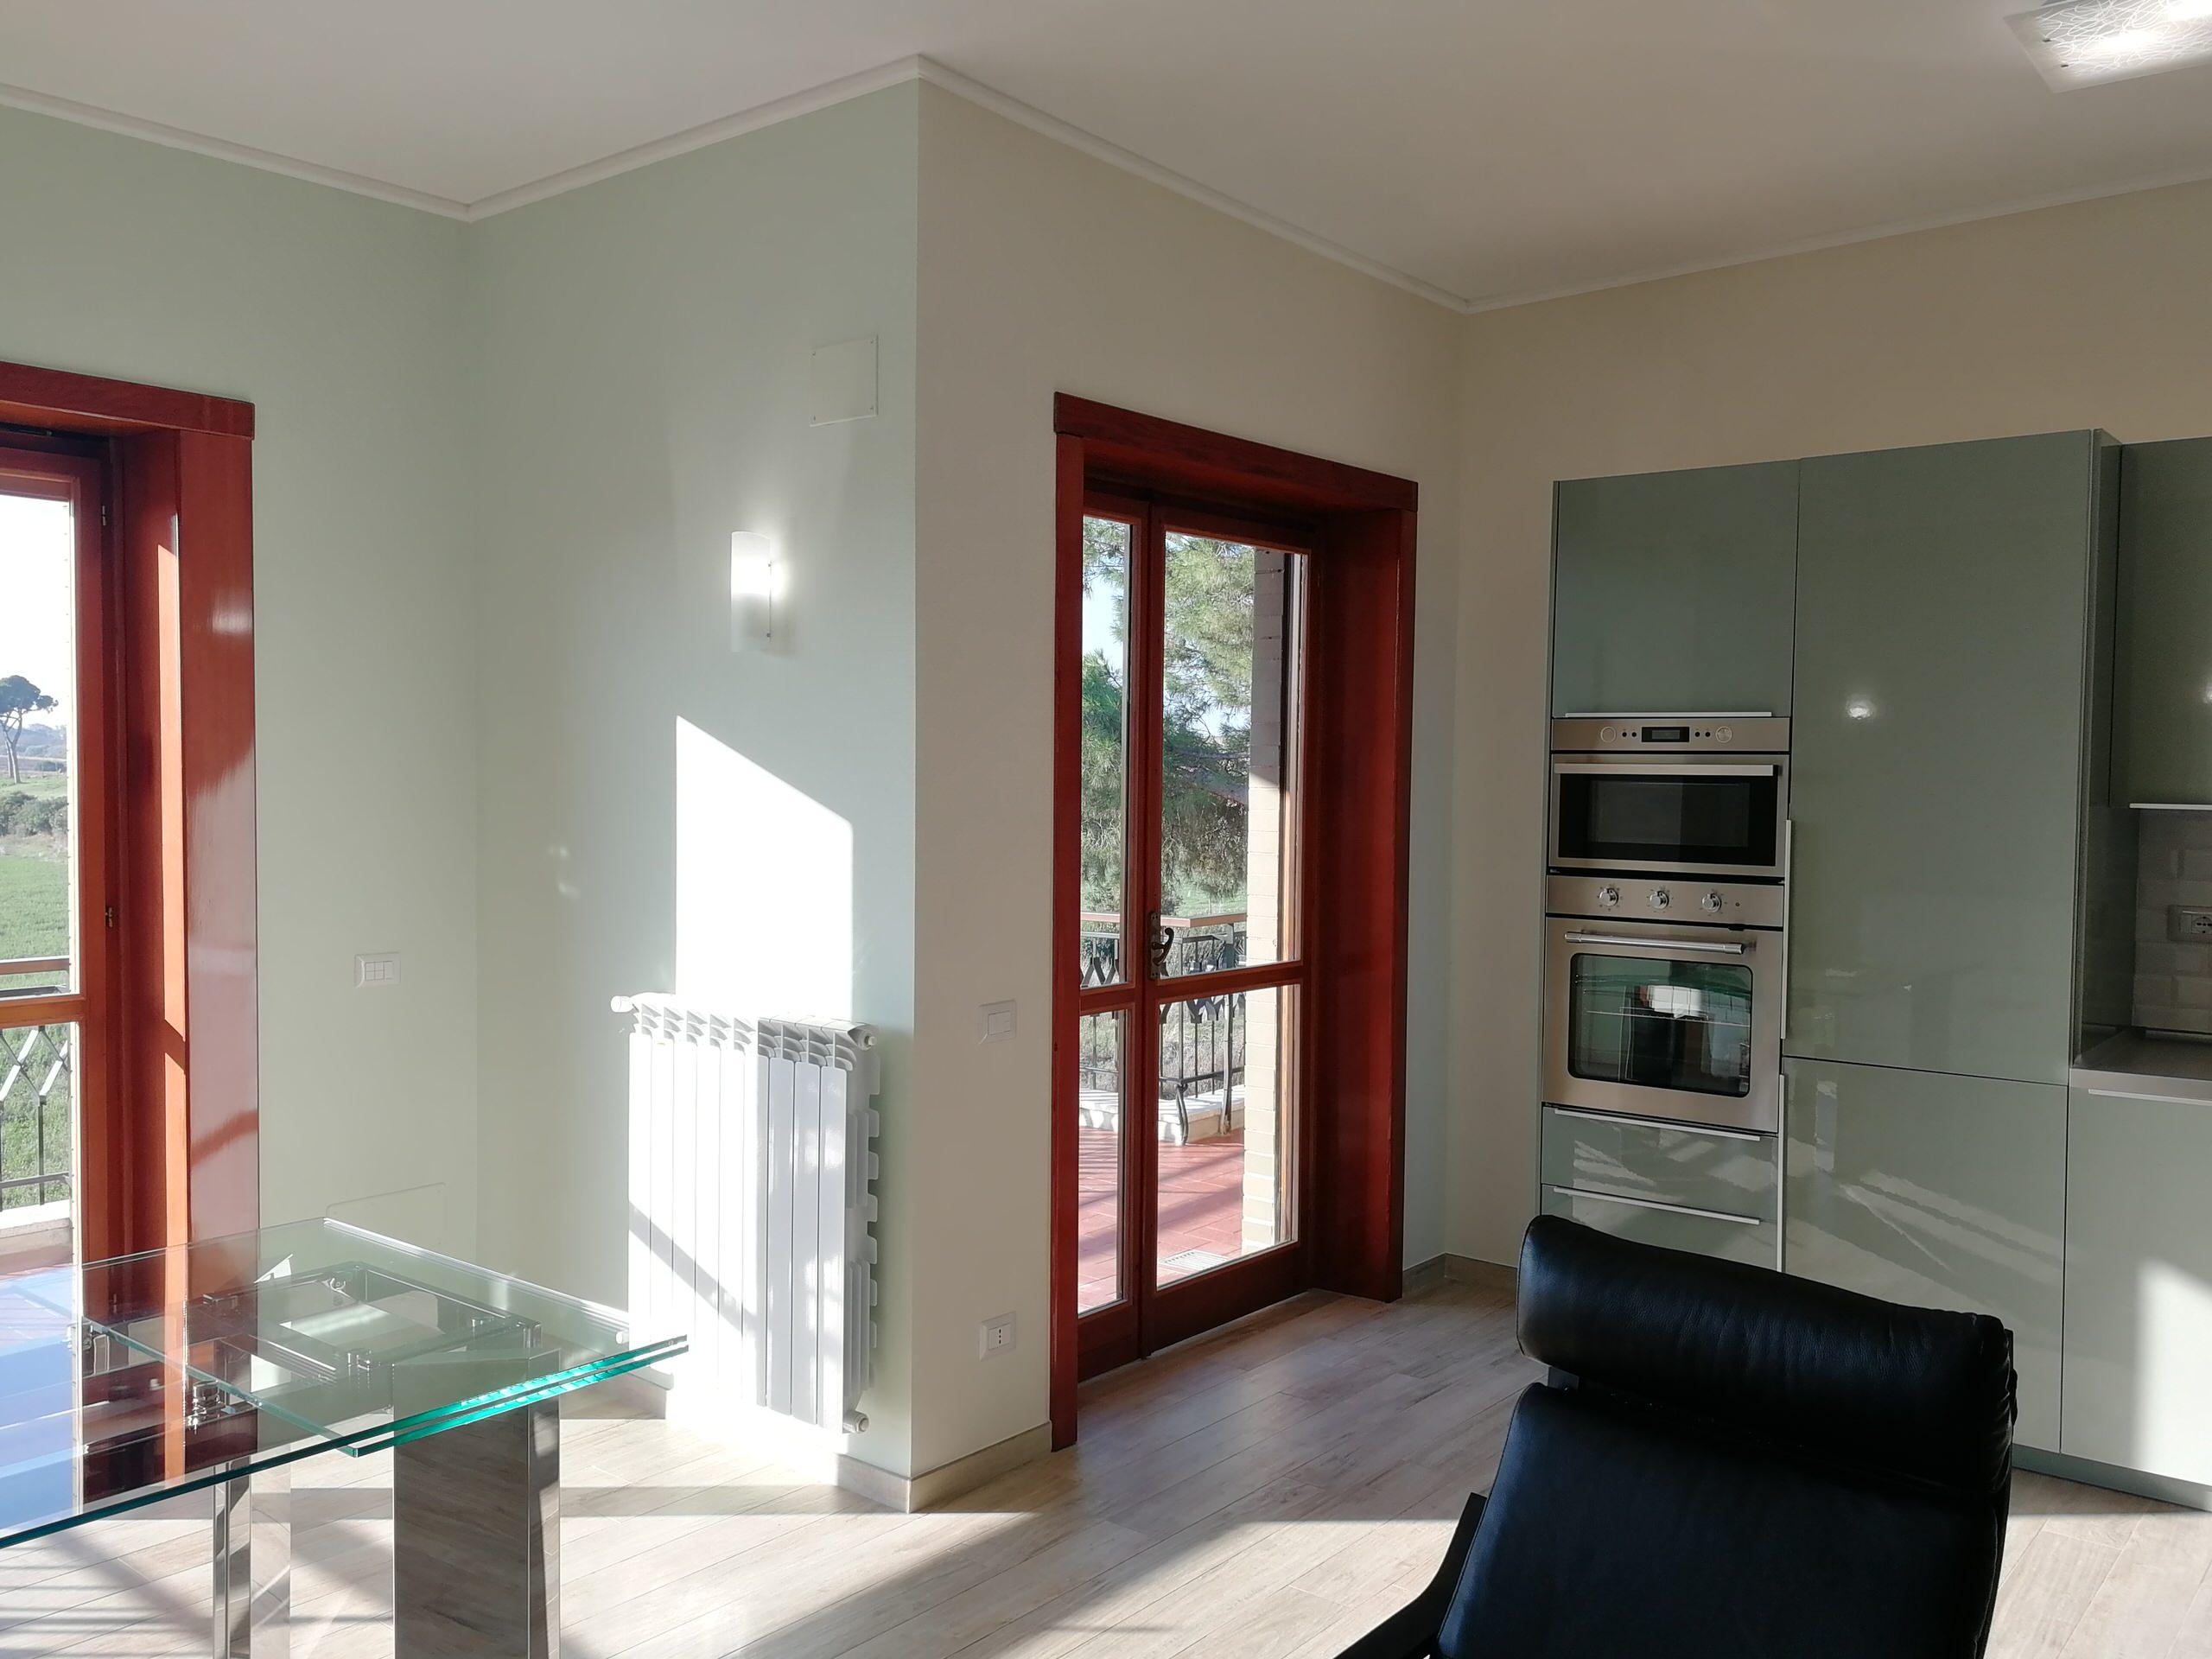 Appartamento 140 mq con superattico